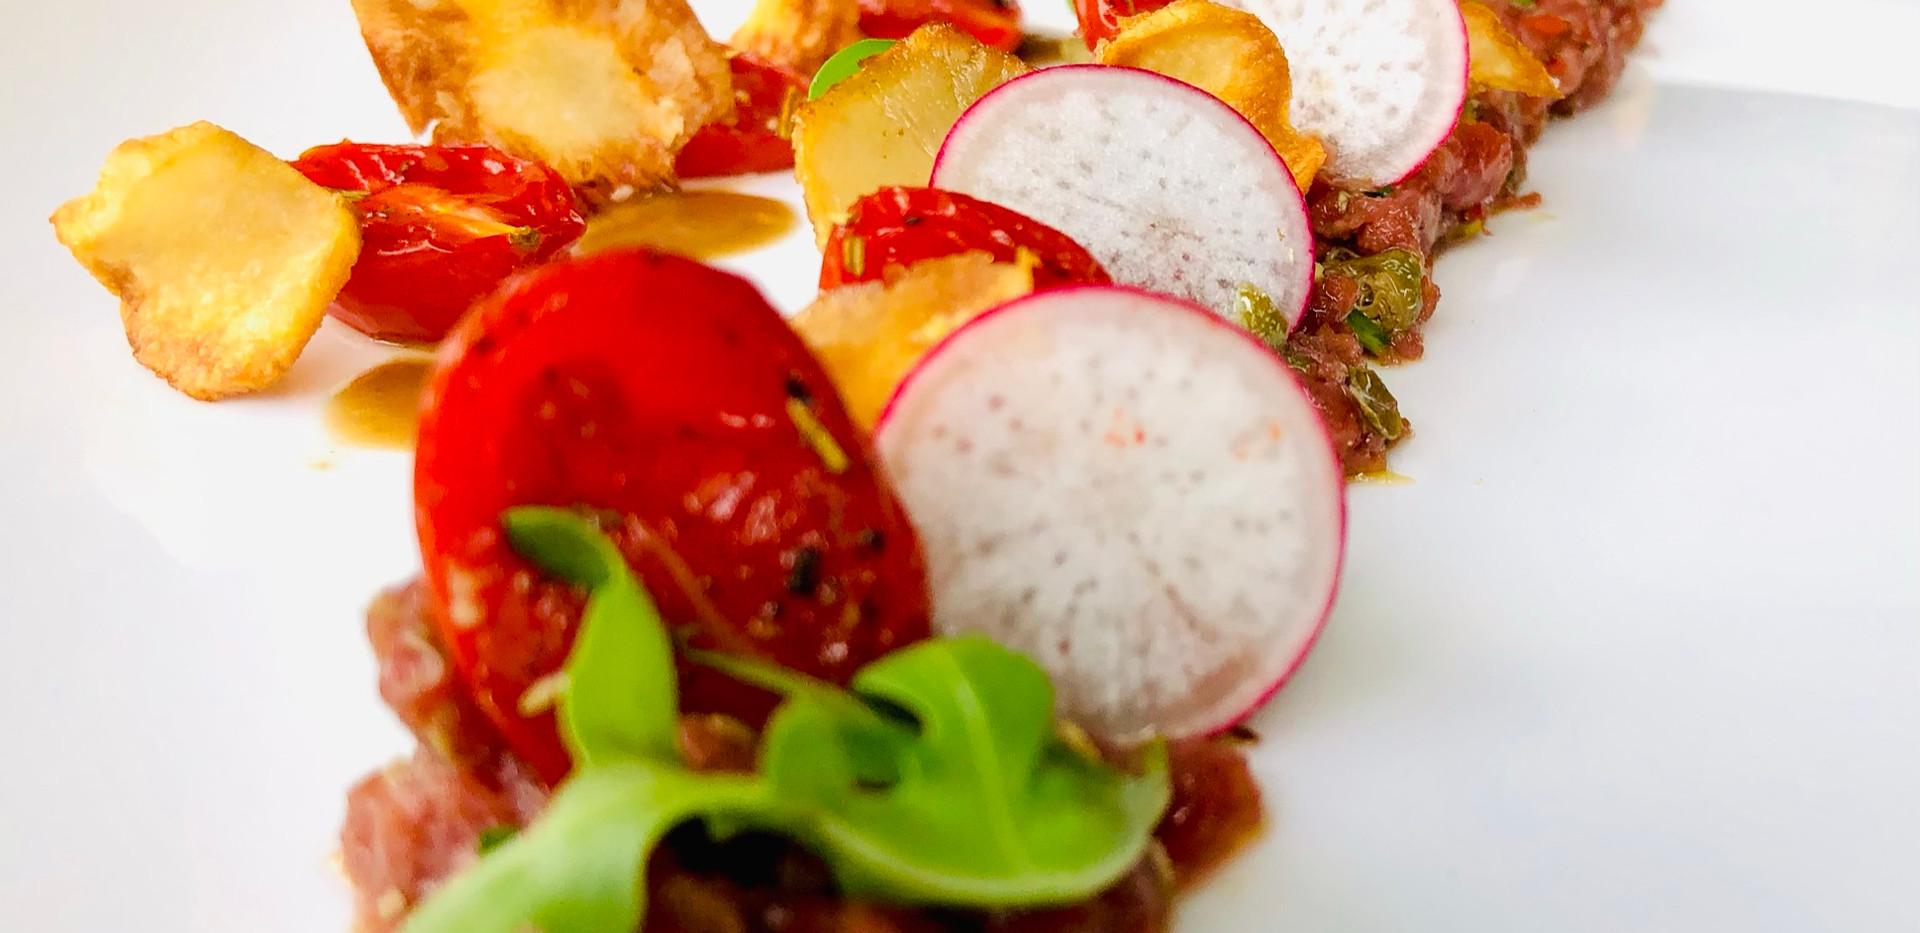 Tartare di manzo marinato con vinaigrette alla senape, pomodorini confit  e chips di topinabur